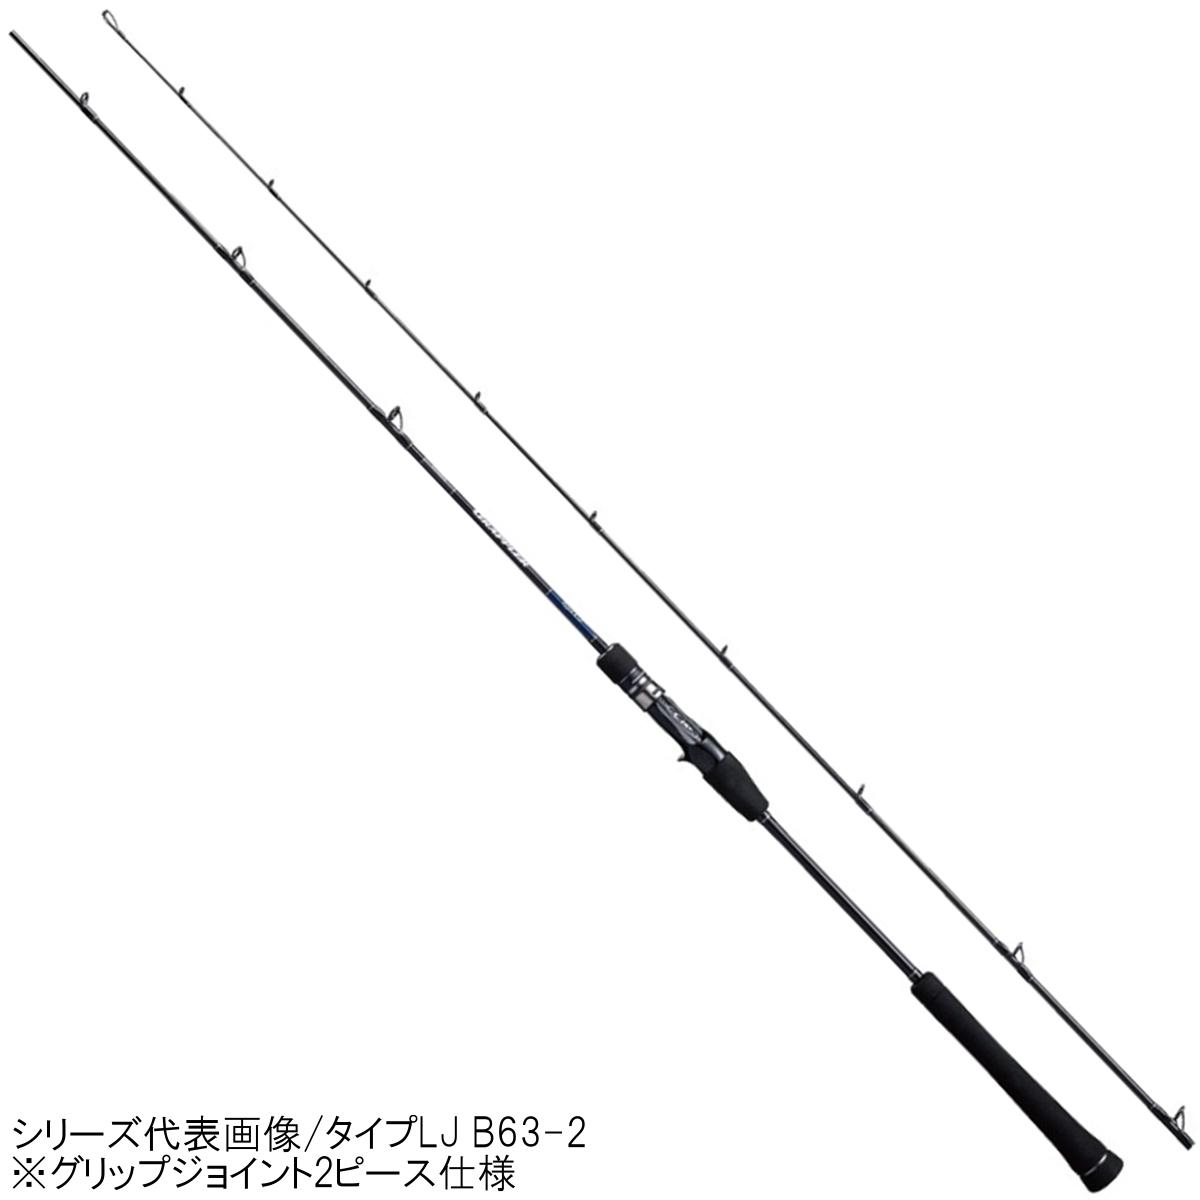 シマノ グラップラー タイプLJ B66-0【大型商品】